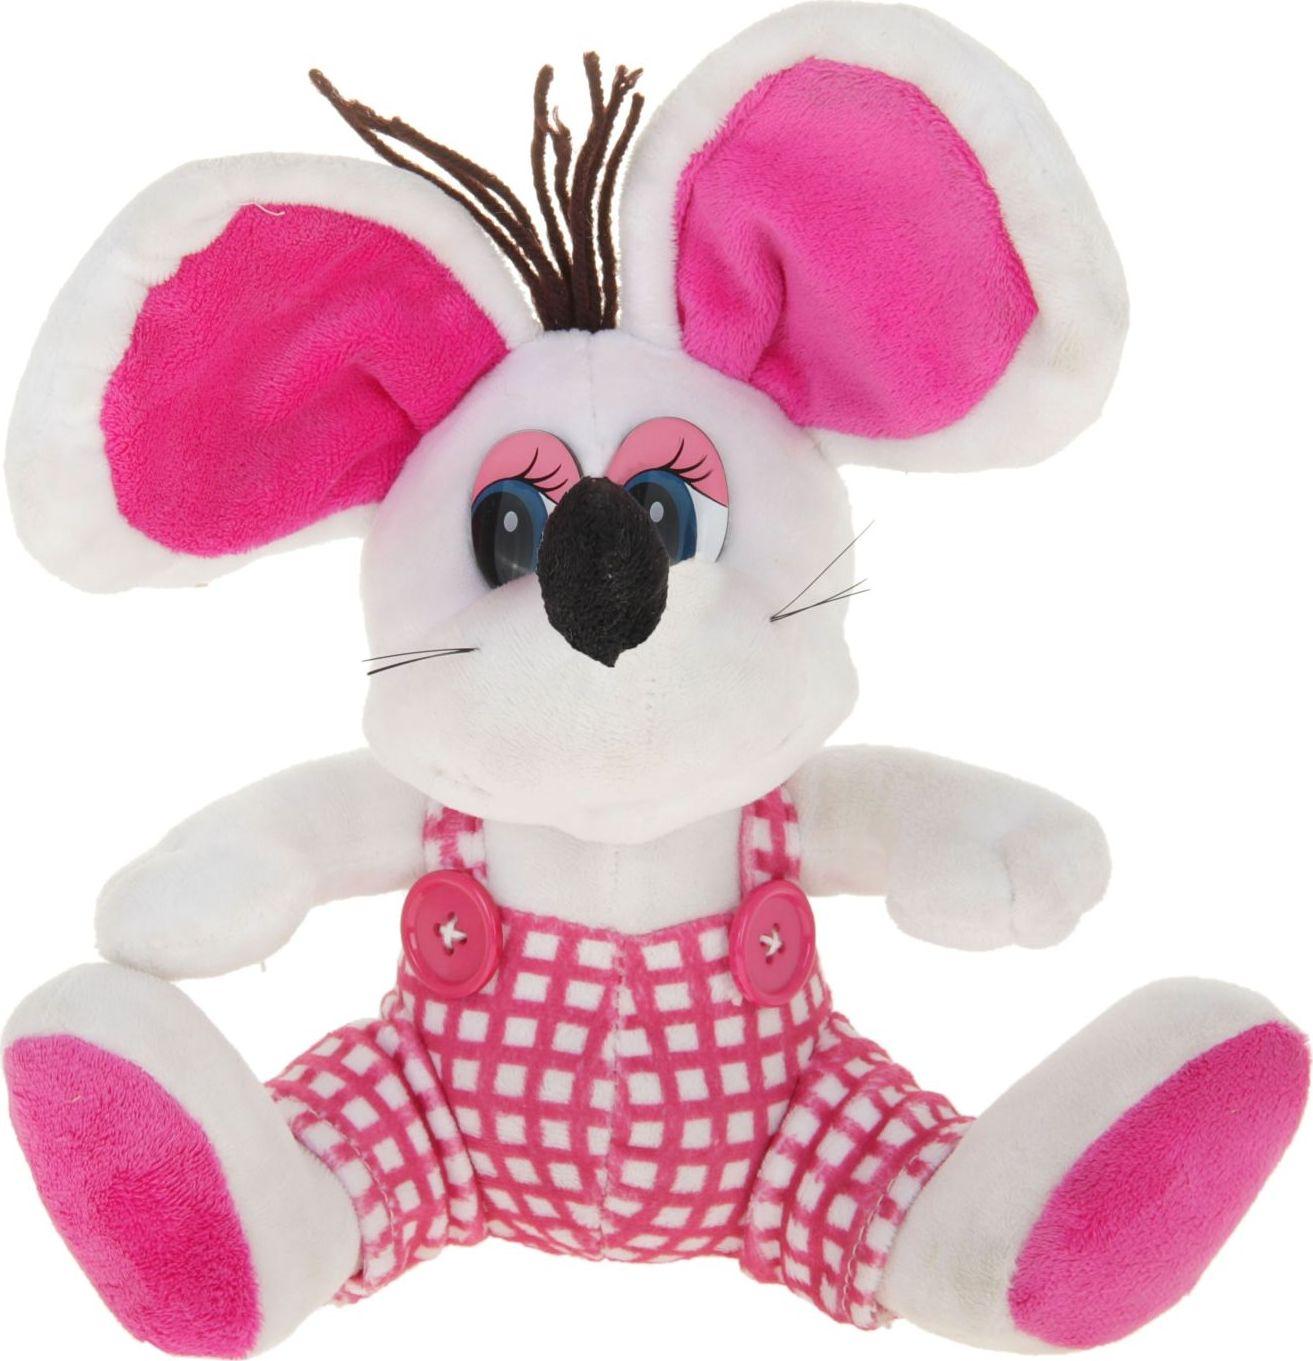 Sima-land Мягкая игрушка Мышка в штанишках 330506 sima land мягкая игрушка на руку мальчик 1147835